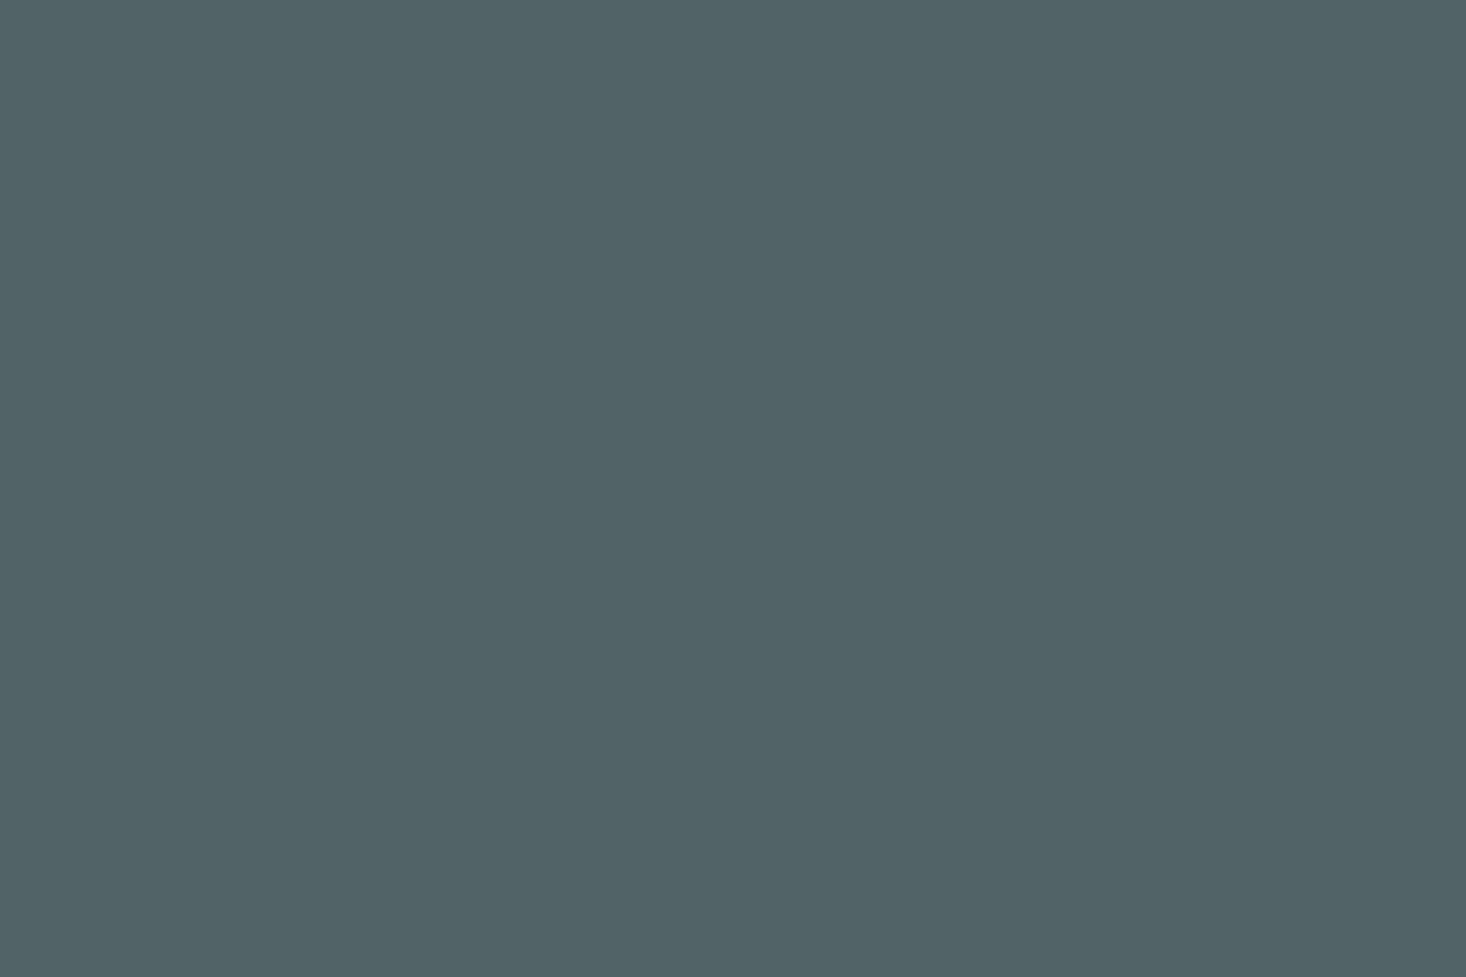 Chan e Eayrs são conhecidos por usar tinta de Farrow & Ball e Little Greene no Reino Unido.  Para um azul-esverdeado profundo semelhante à cor pintada no corrimão e no radiador aqui, consulte Farrow & Ball & # 8